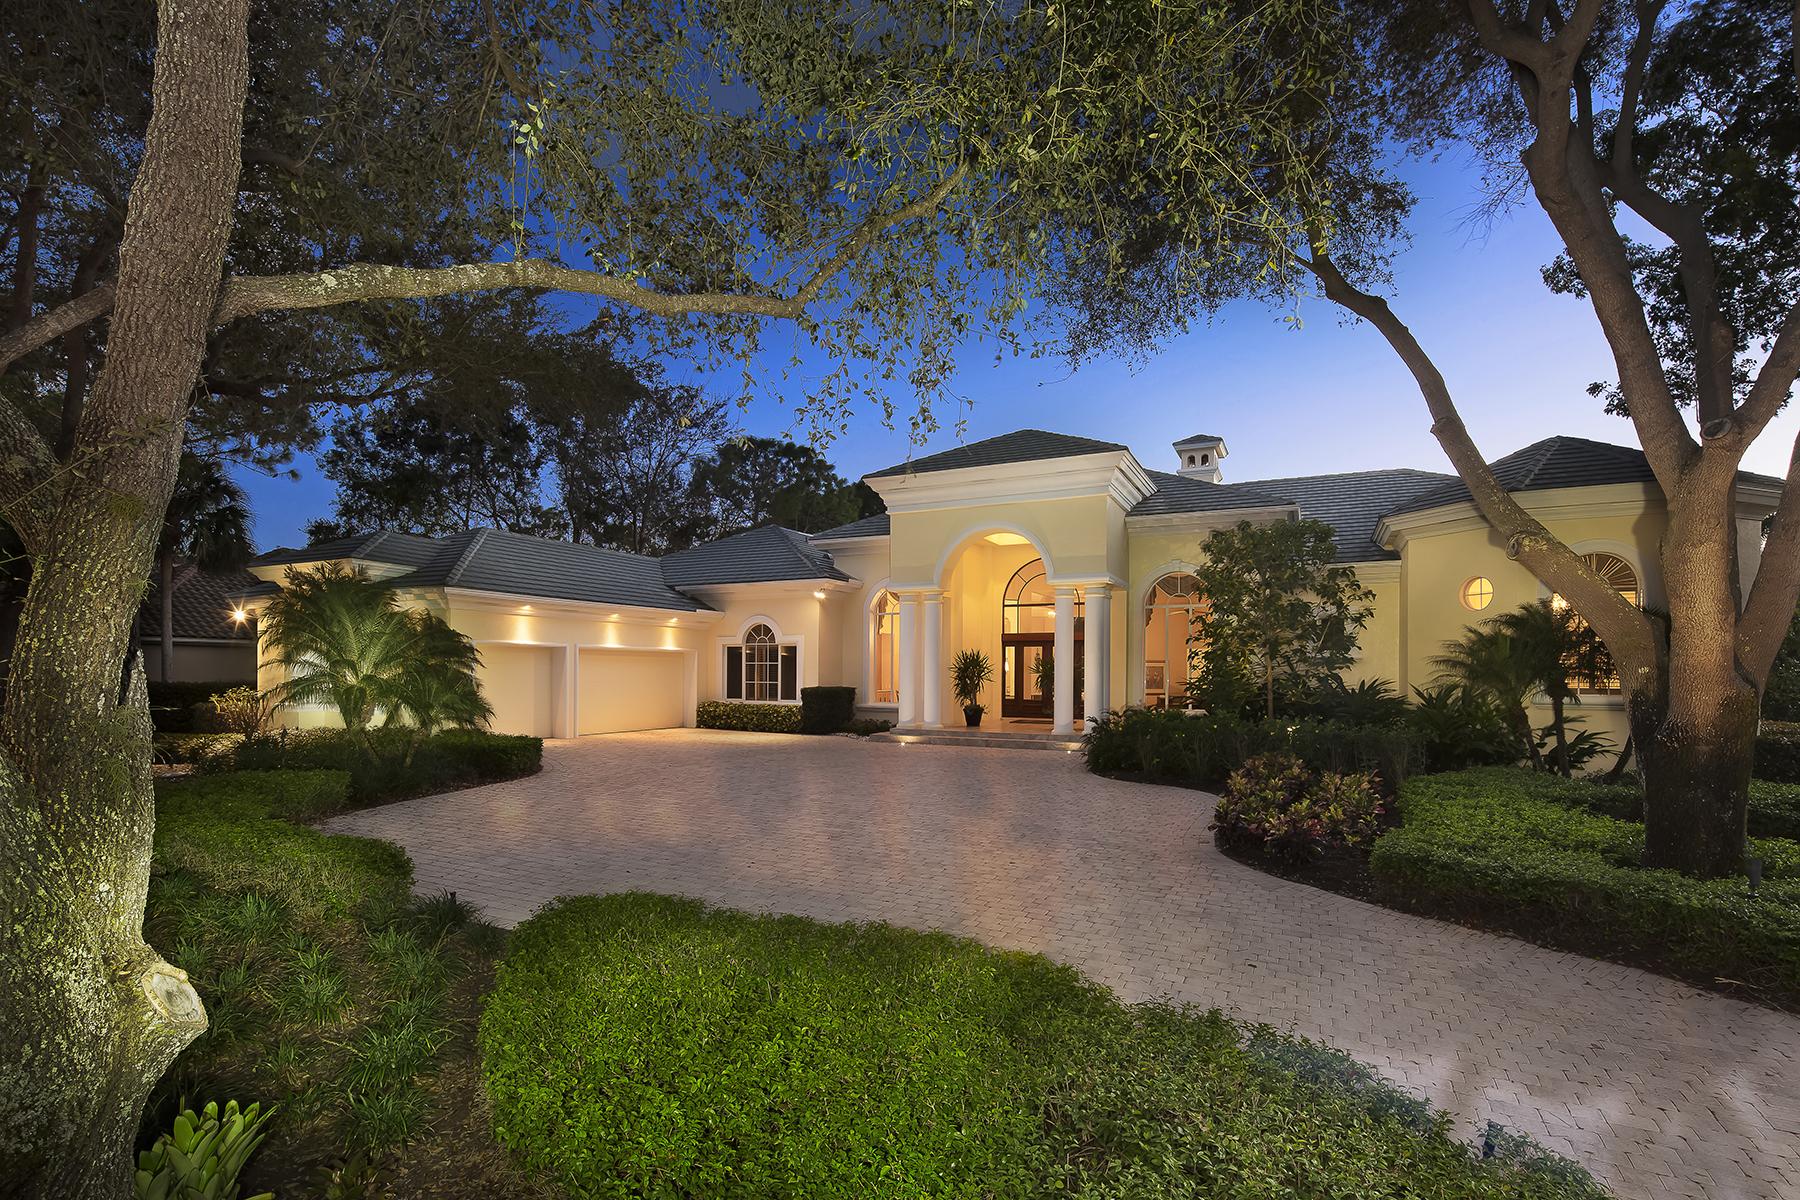 一戸建て のために 売買 アット 2720 Buckthorn Way , Naples, FL 34105 2720 Buckthorn Way Naples, フロリダ, 34105 アメリカ合衆国